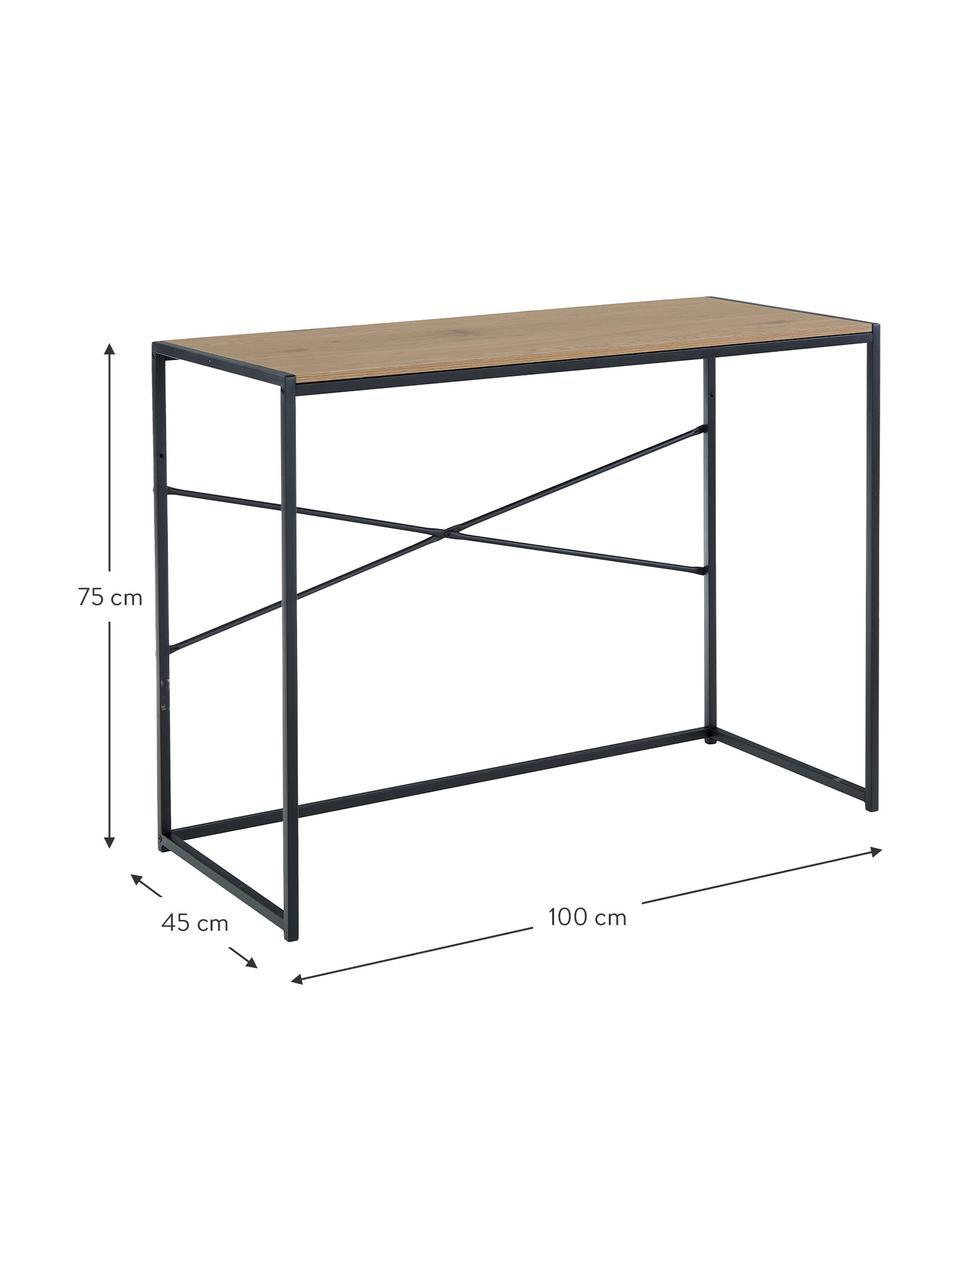 Wąskie biurko z drewna i metalu Seaford, Blat: płyta pilśniowa średniej , Stelaż: metal lakierowany proszko, Blat: dzikie drewno dębowe Stelaż: czarny, S 100 x G 45 cm